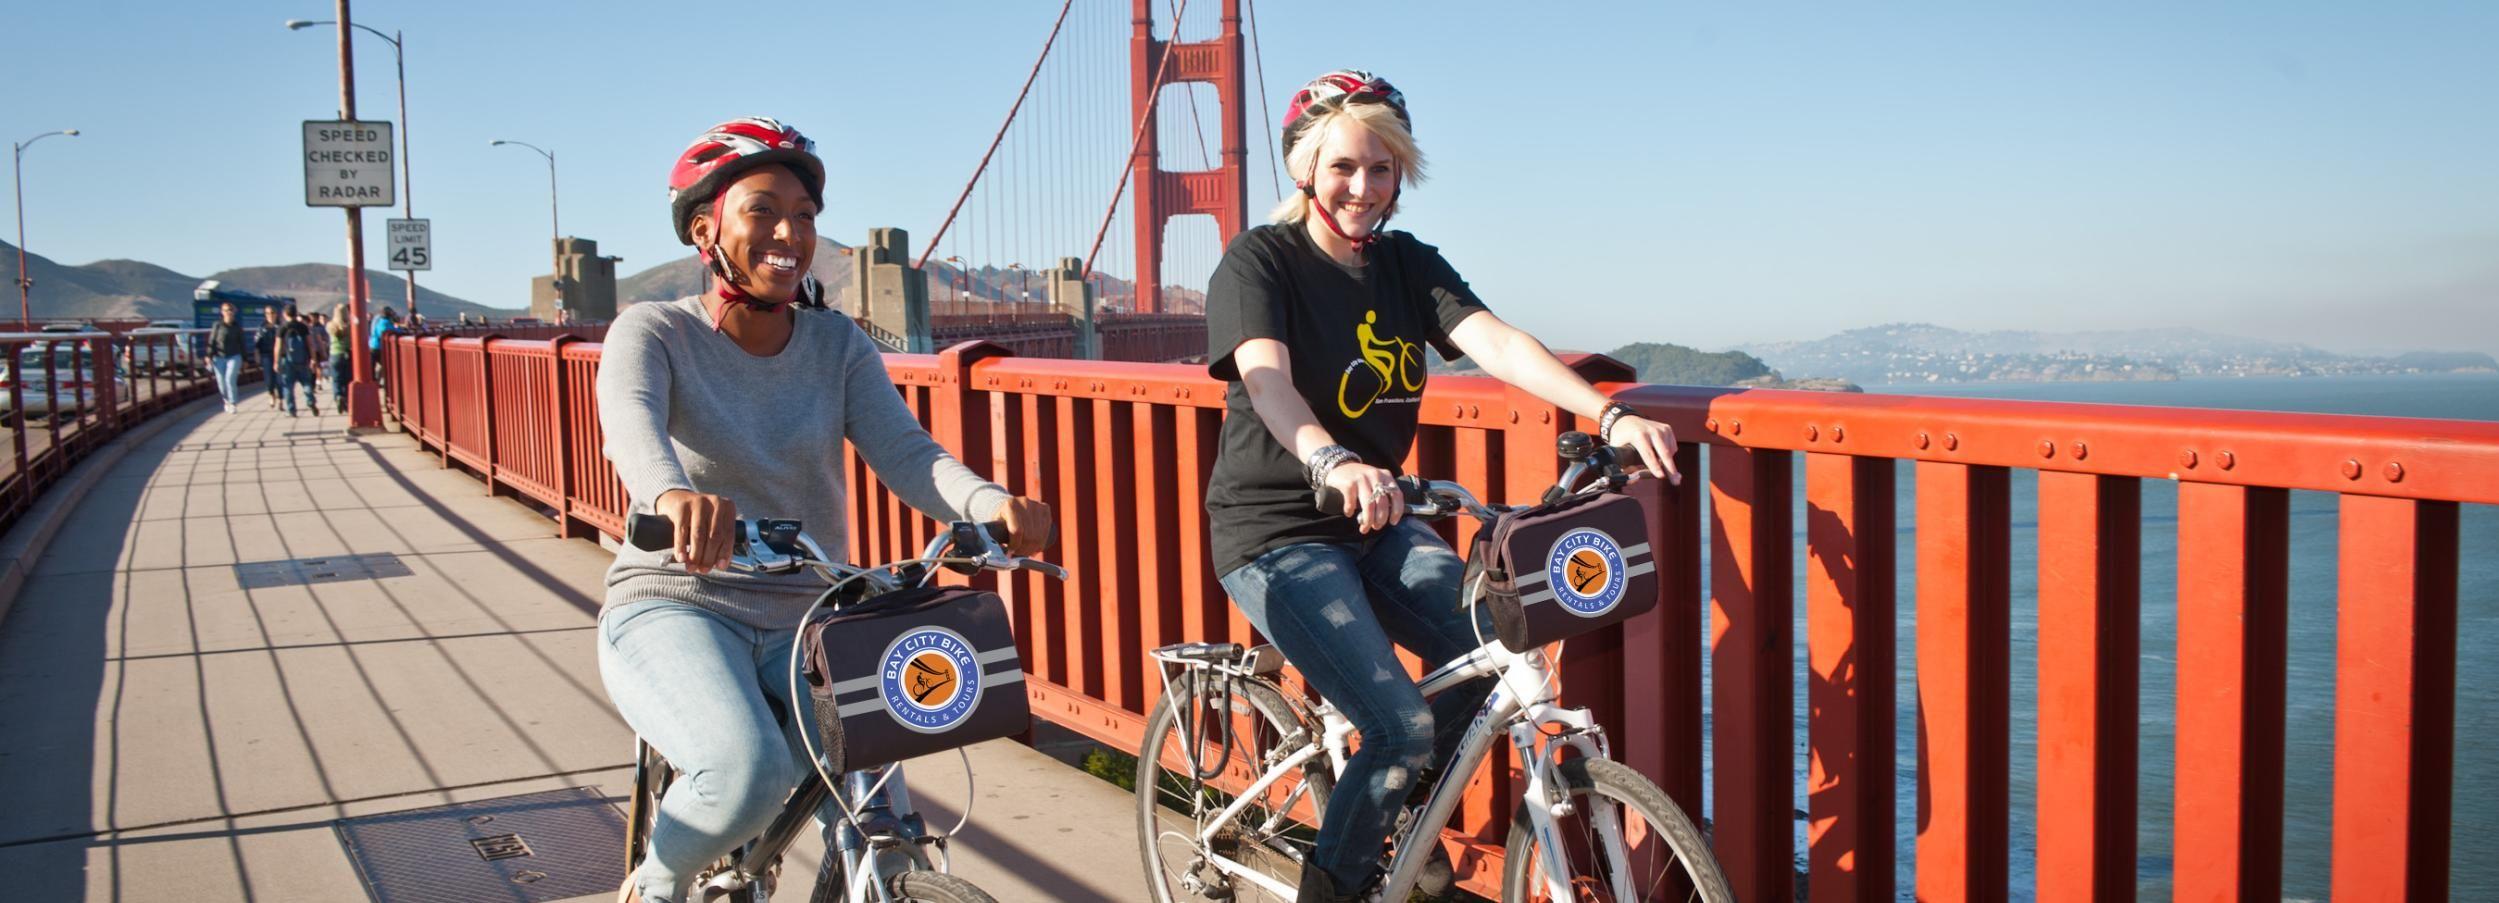 San Francisco: Golden Gate Bridge-Radtour & Alcatraz-Ticket